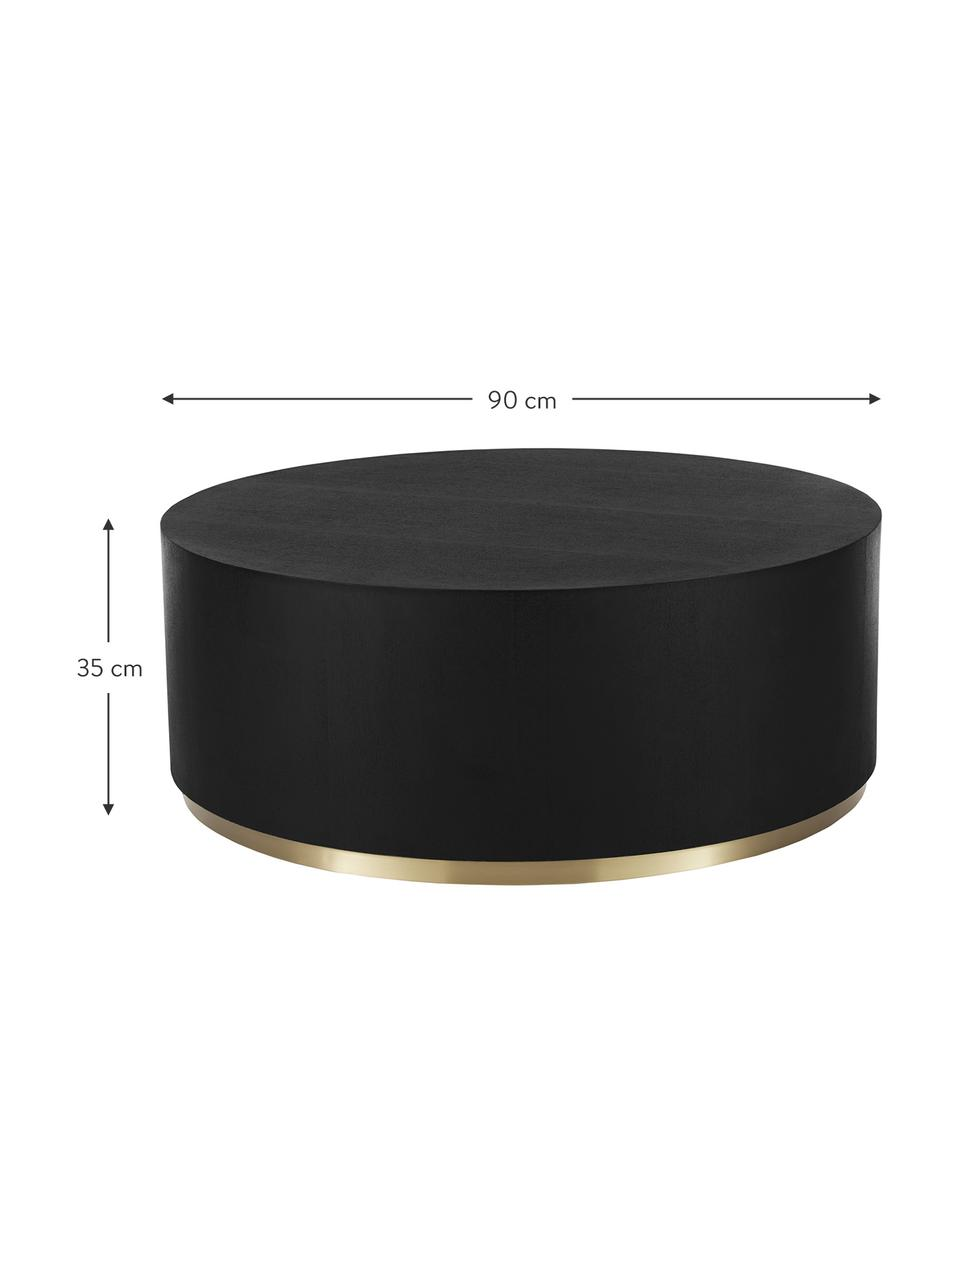 Grote salontafel Clarice in zwart, Frame: MDF met eikenhoutfineer, Voet: gecoat metaal, Frame: zwart gelakt eikenhout. Voet: goudkleurig, Ø 90 x H 35 cm